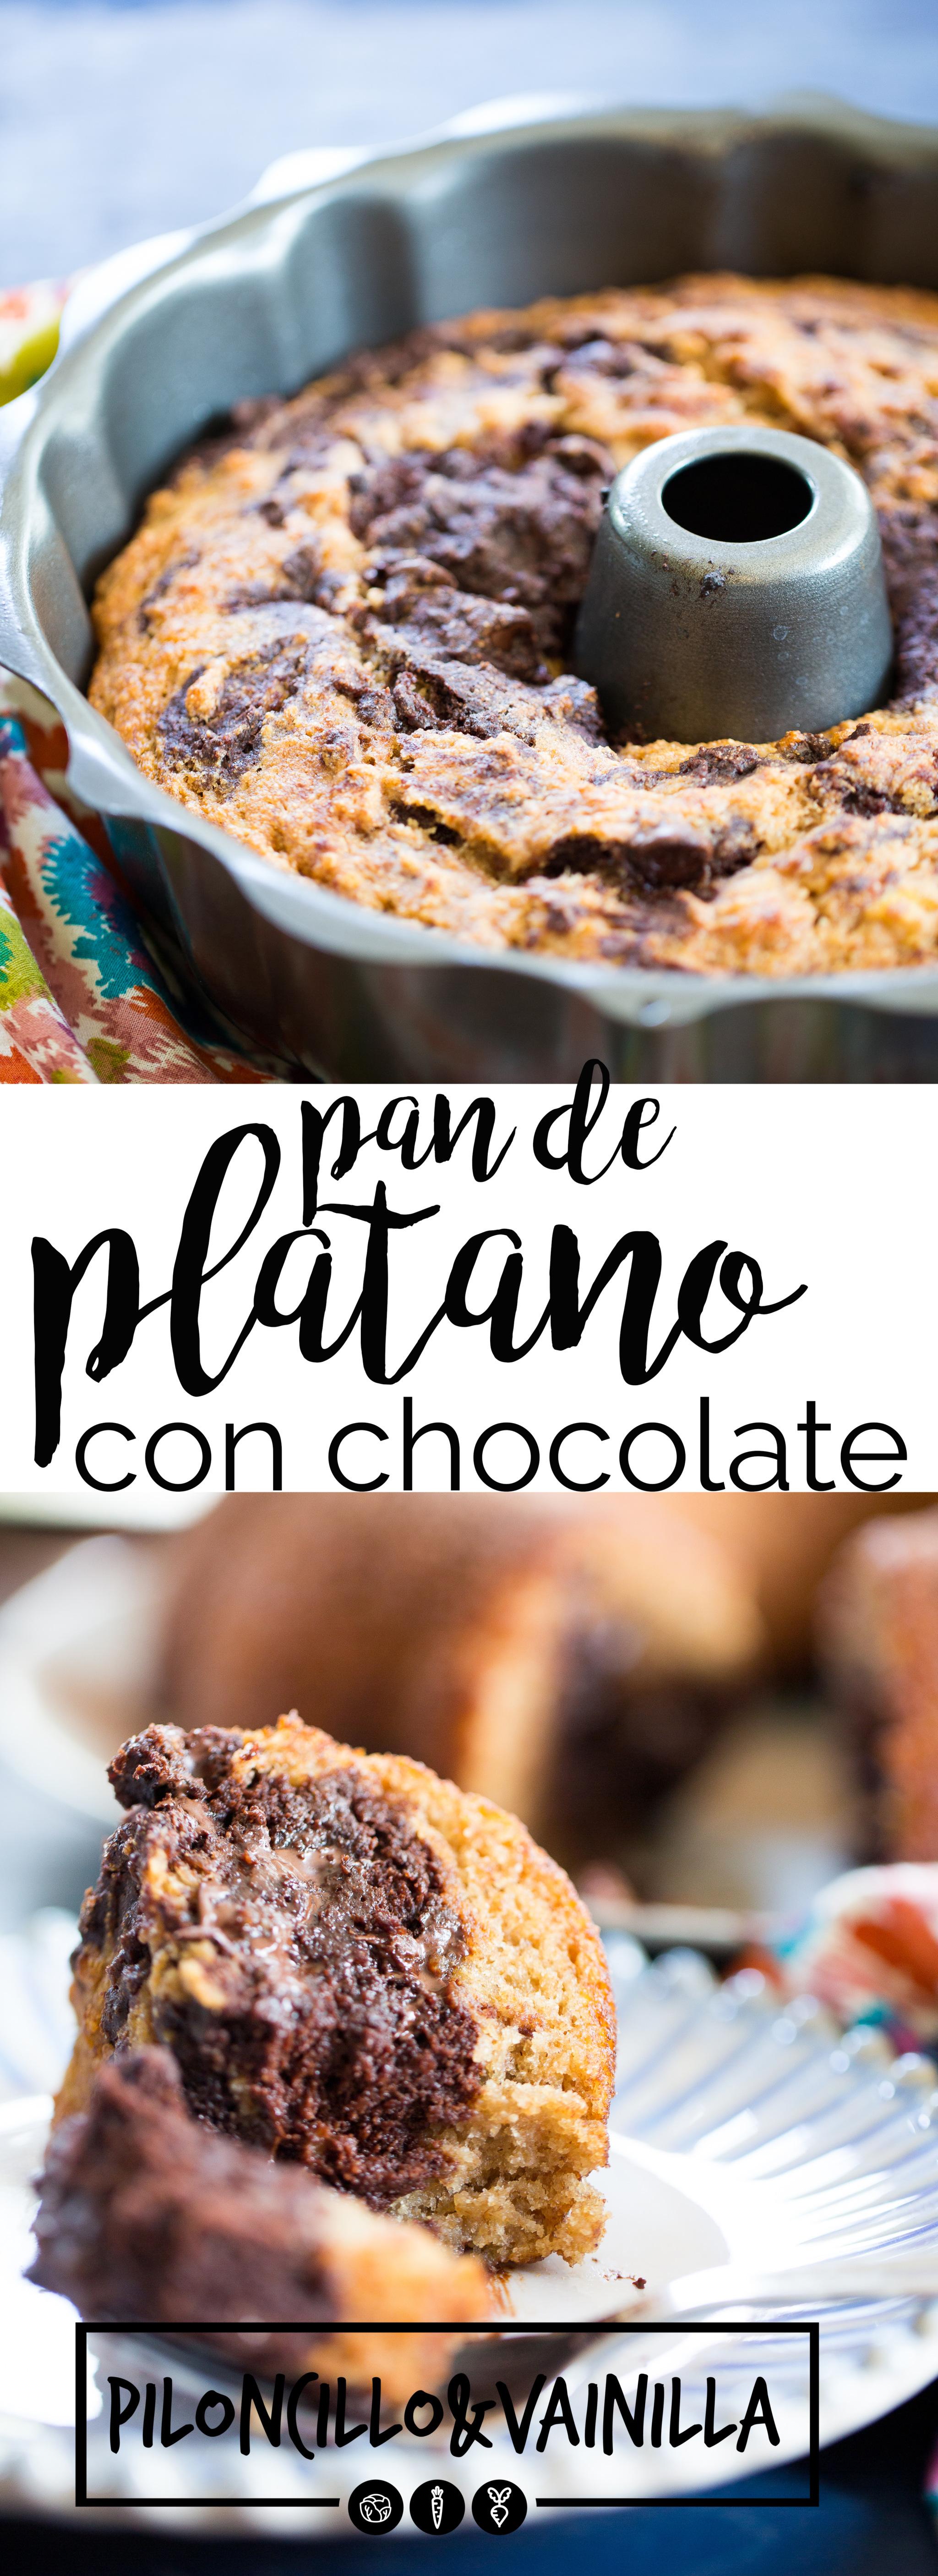 Receta de pan plátano con chocolate marmoleado. Receta vegana hecha con ingredientes naturales y super limpios. Receta fácil y saludable. #panvegano, #recetaesespañol, #recetavegana